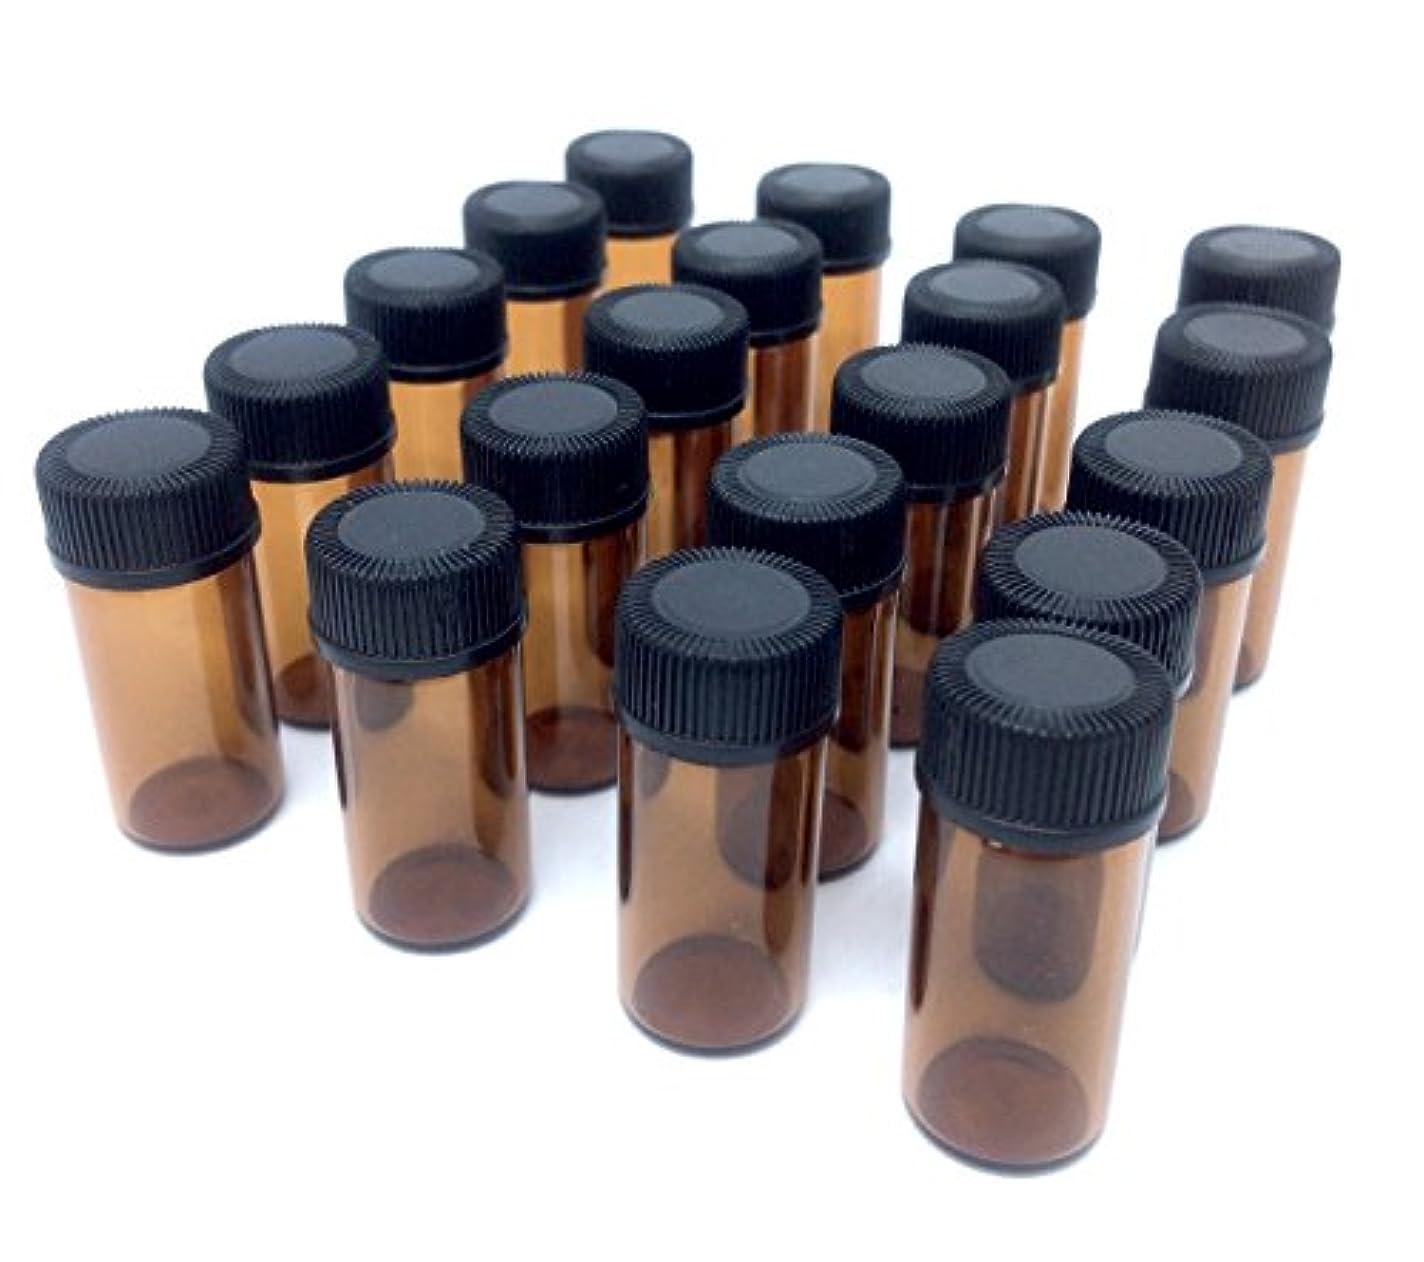 北米いまウガンダアロマオイル 遮光瓶 精油 小分け用 ガラス製 保存容器 20本 セット (3ml)